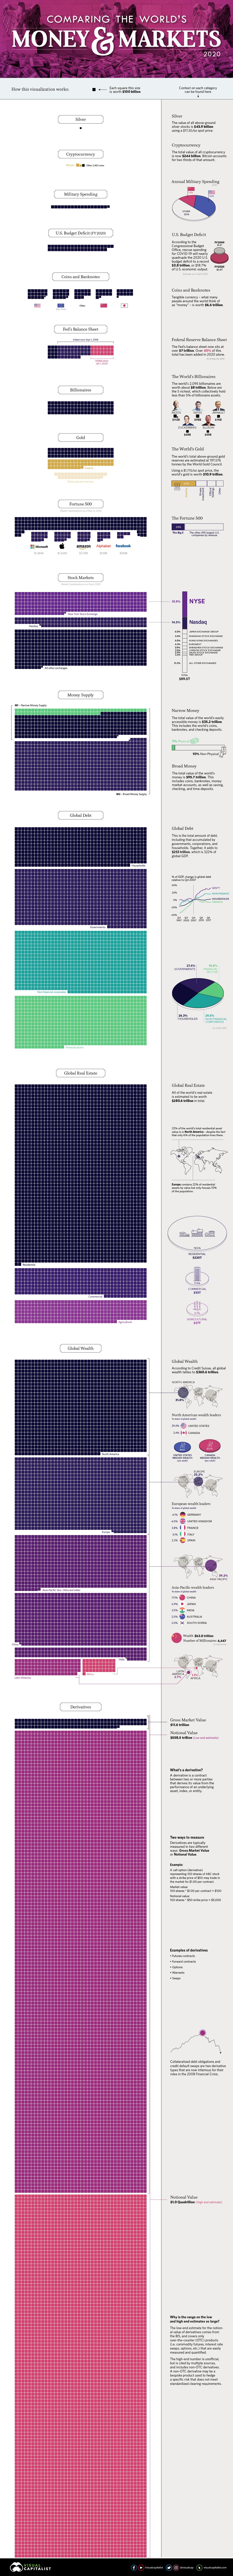 VisualizationWorldMarket2020